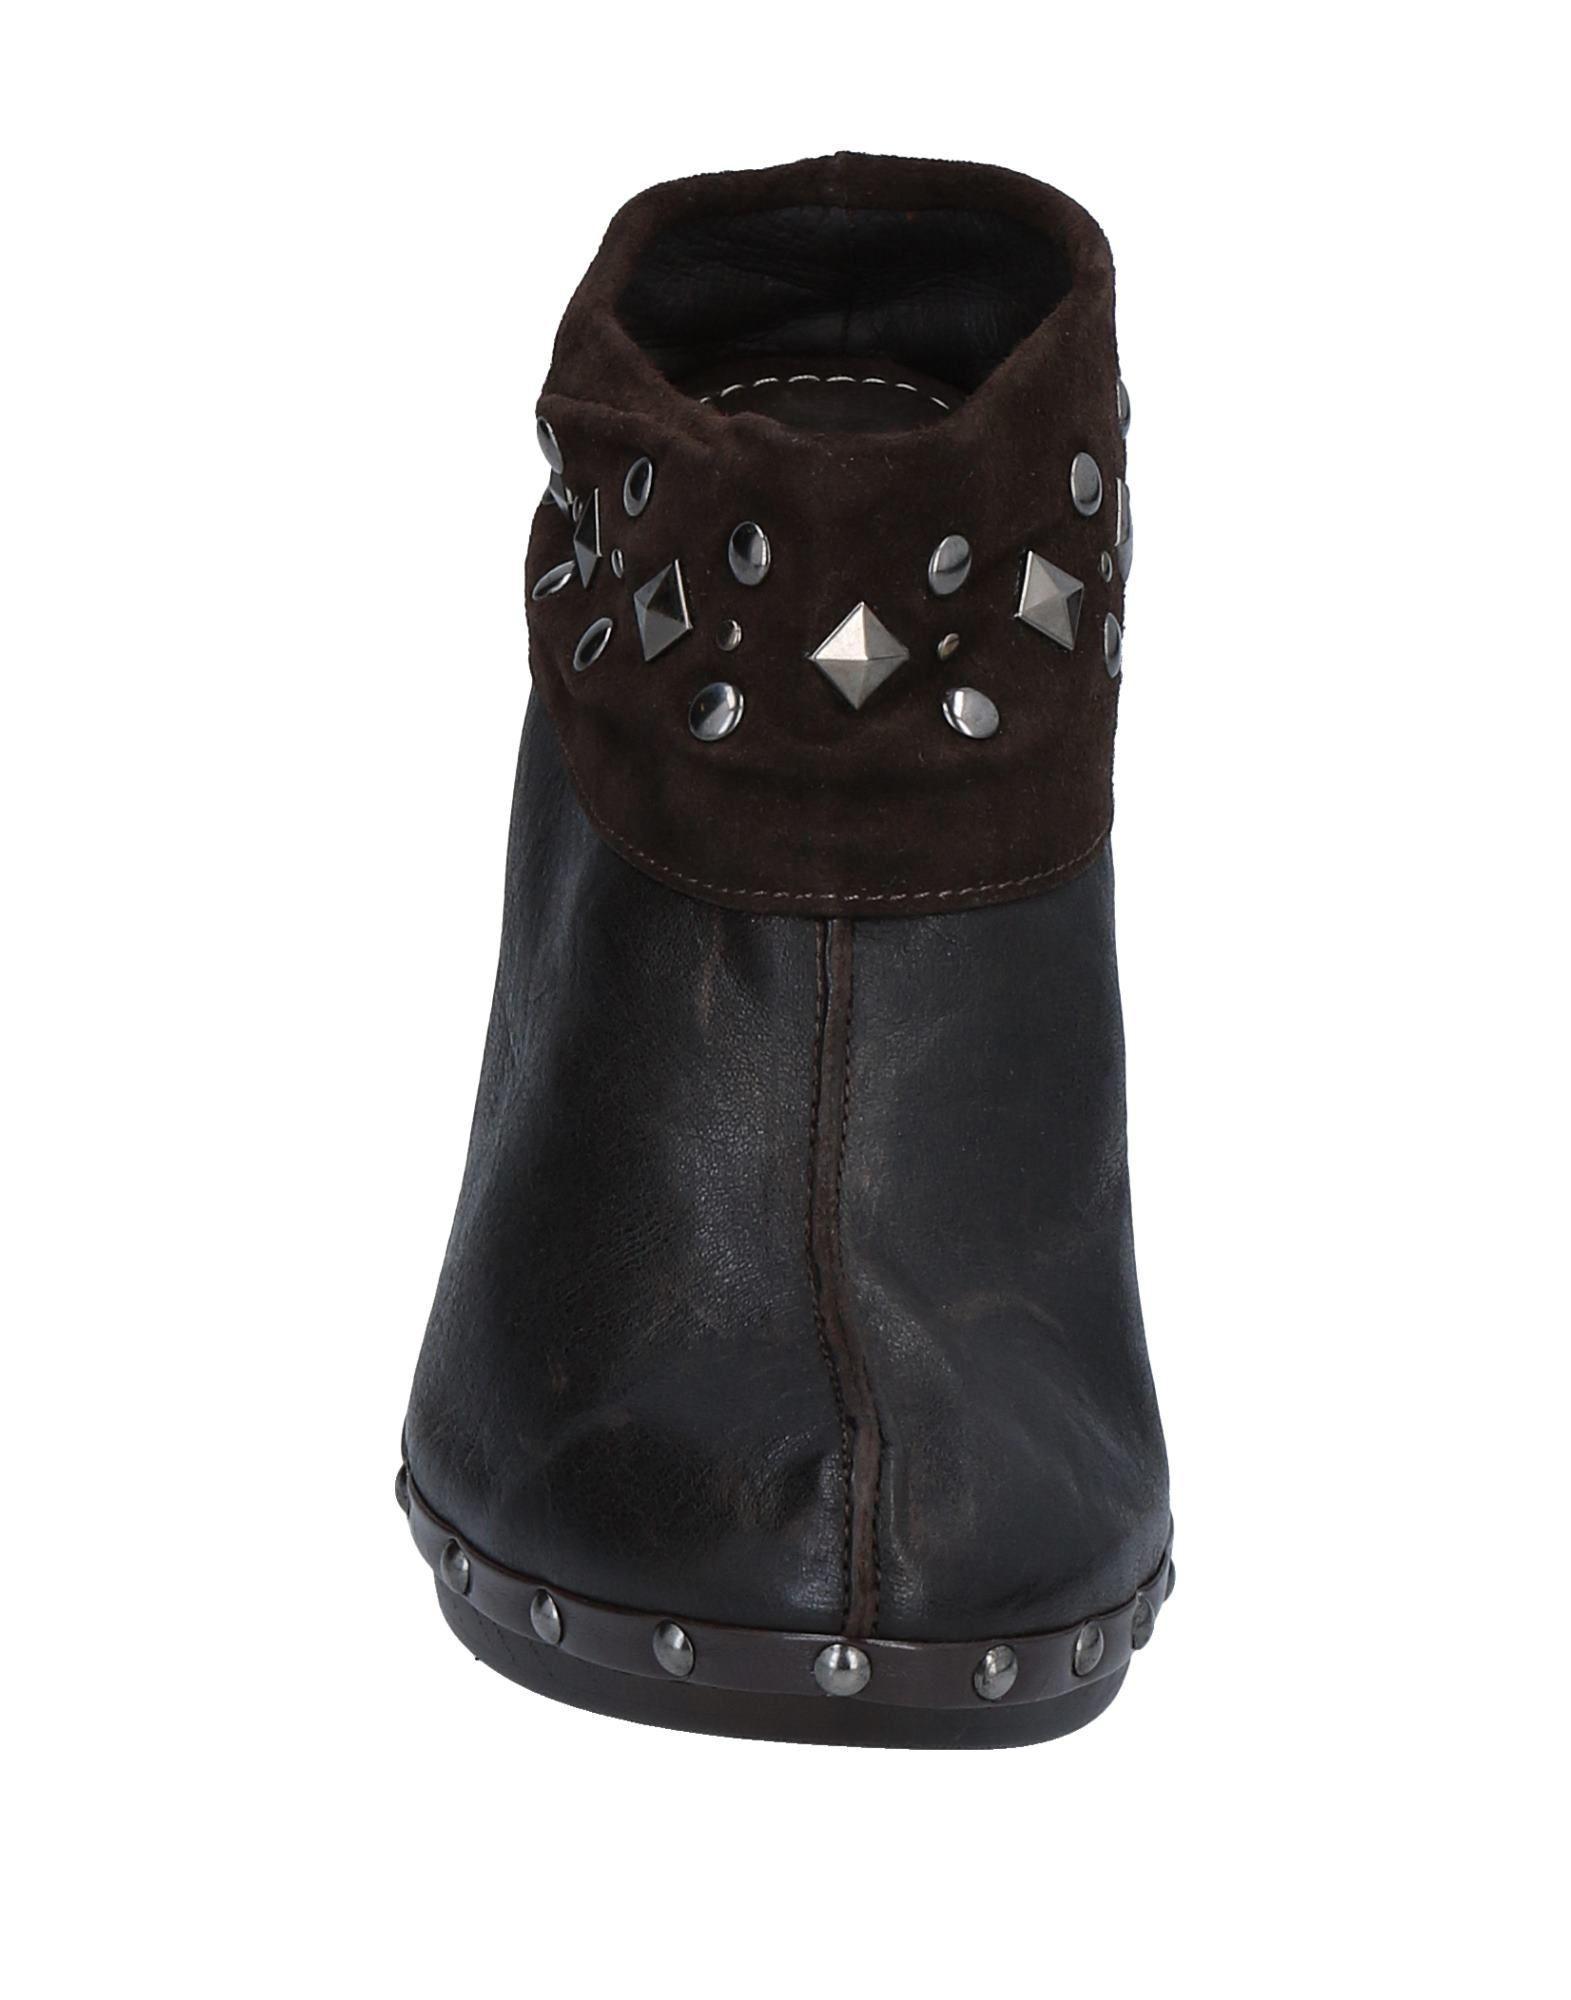 Materia Prima By Goffredo Fantini Leather Bootie in Dark Brown (Brown)